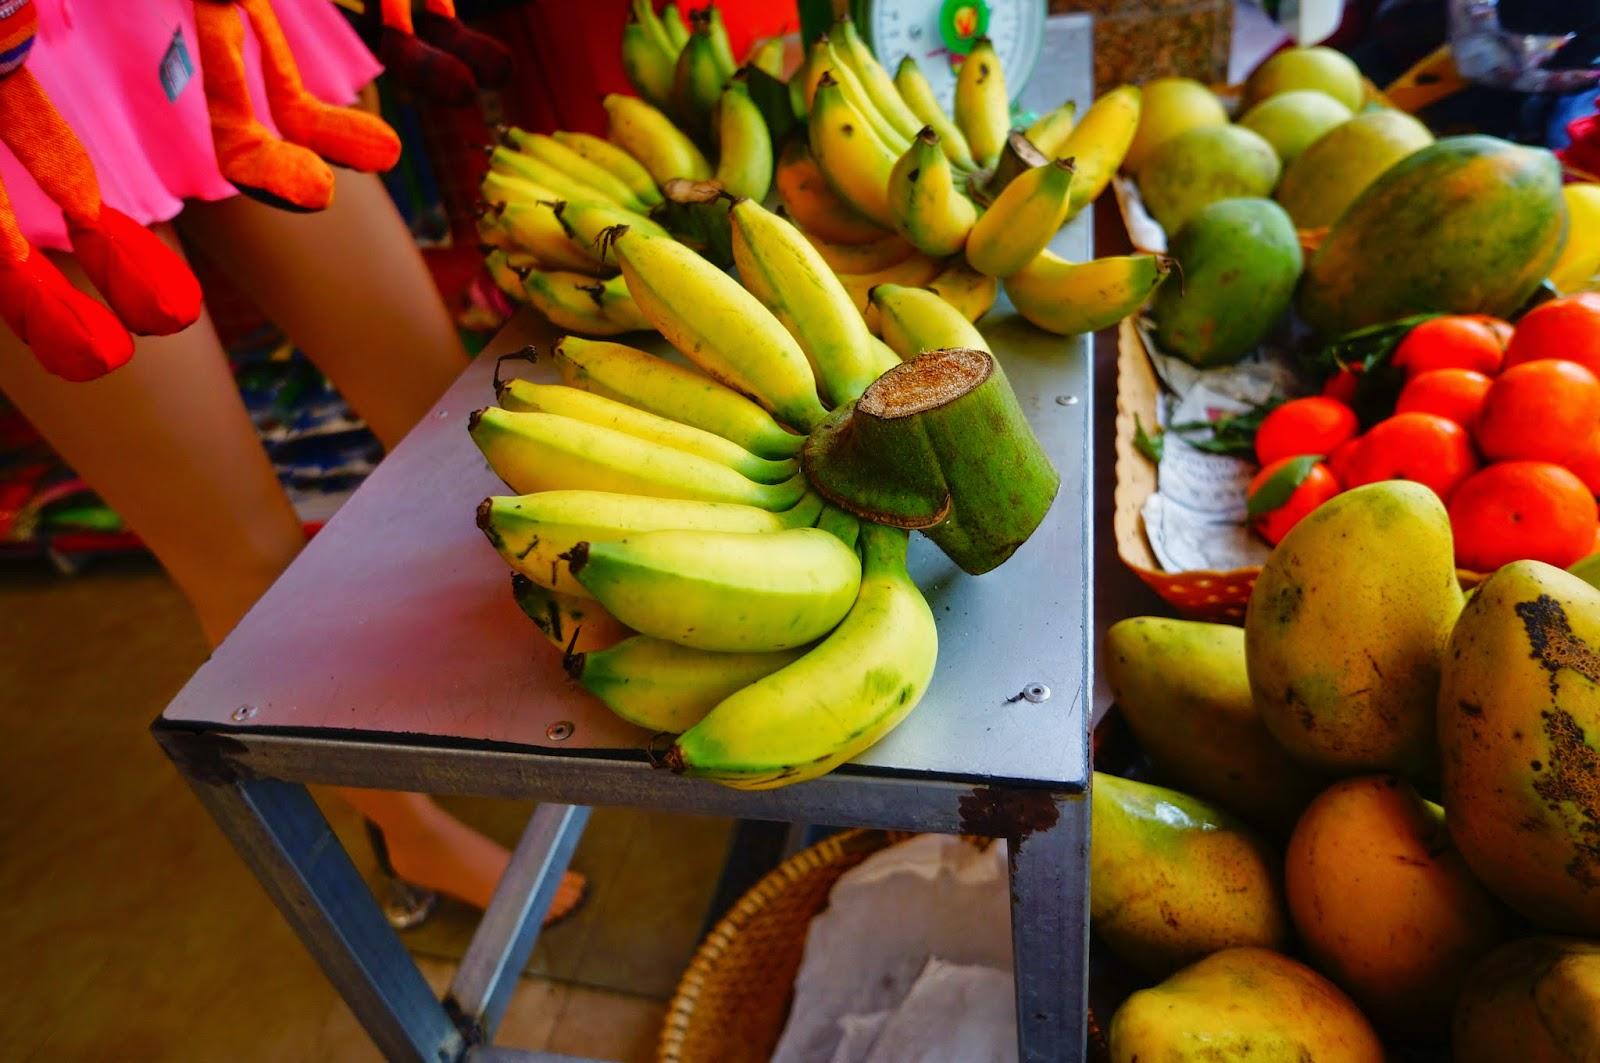 какие фрукты можно вывозить из вьетнма очереди